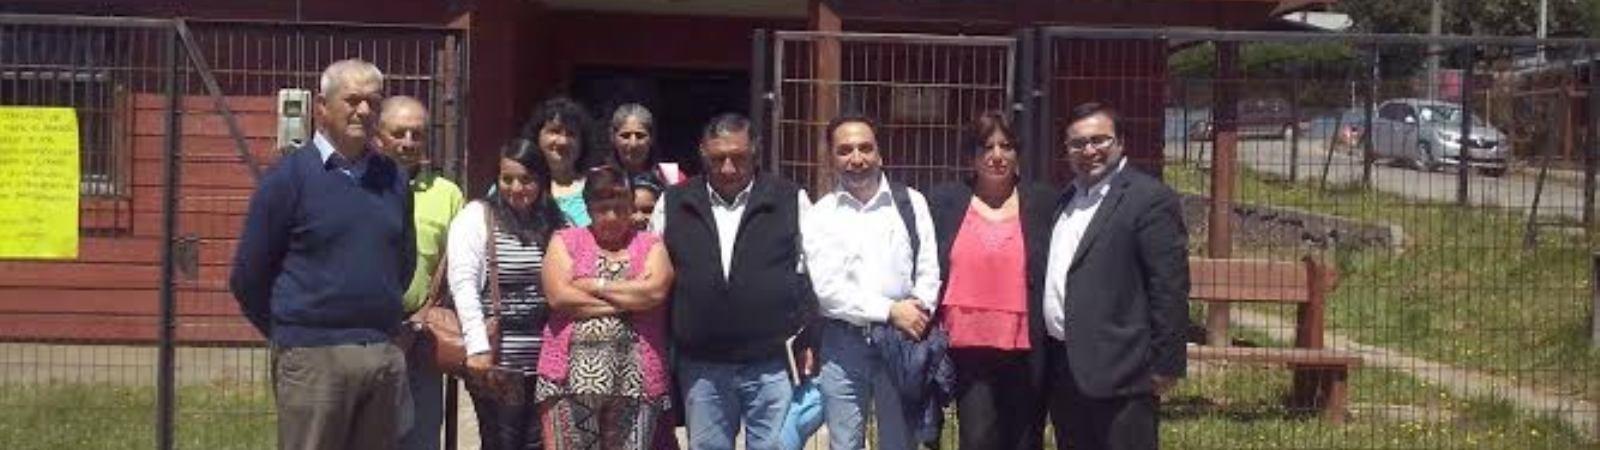 Imagen: Seremi de Energía Región de Los Rios